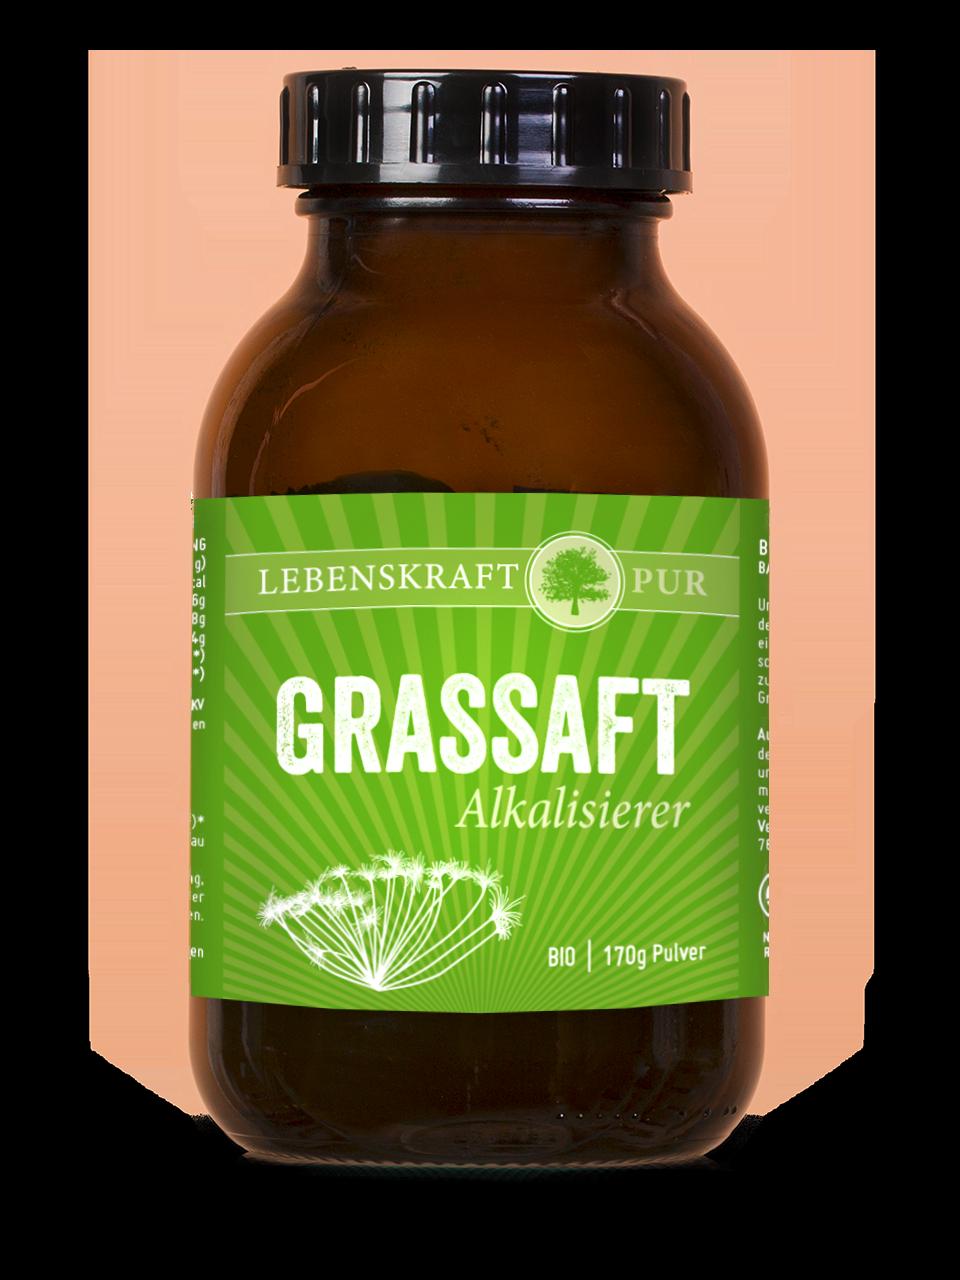 Grassaft